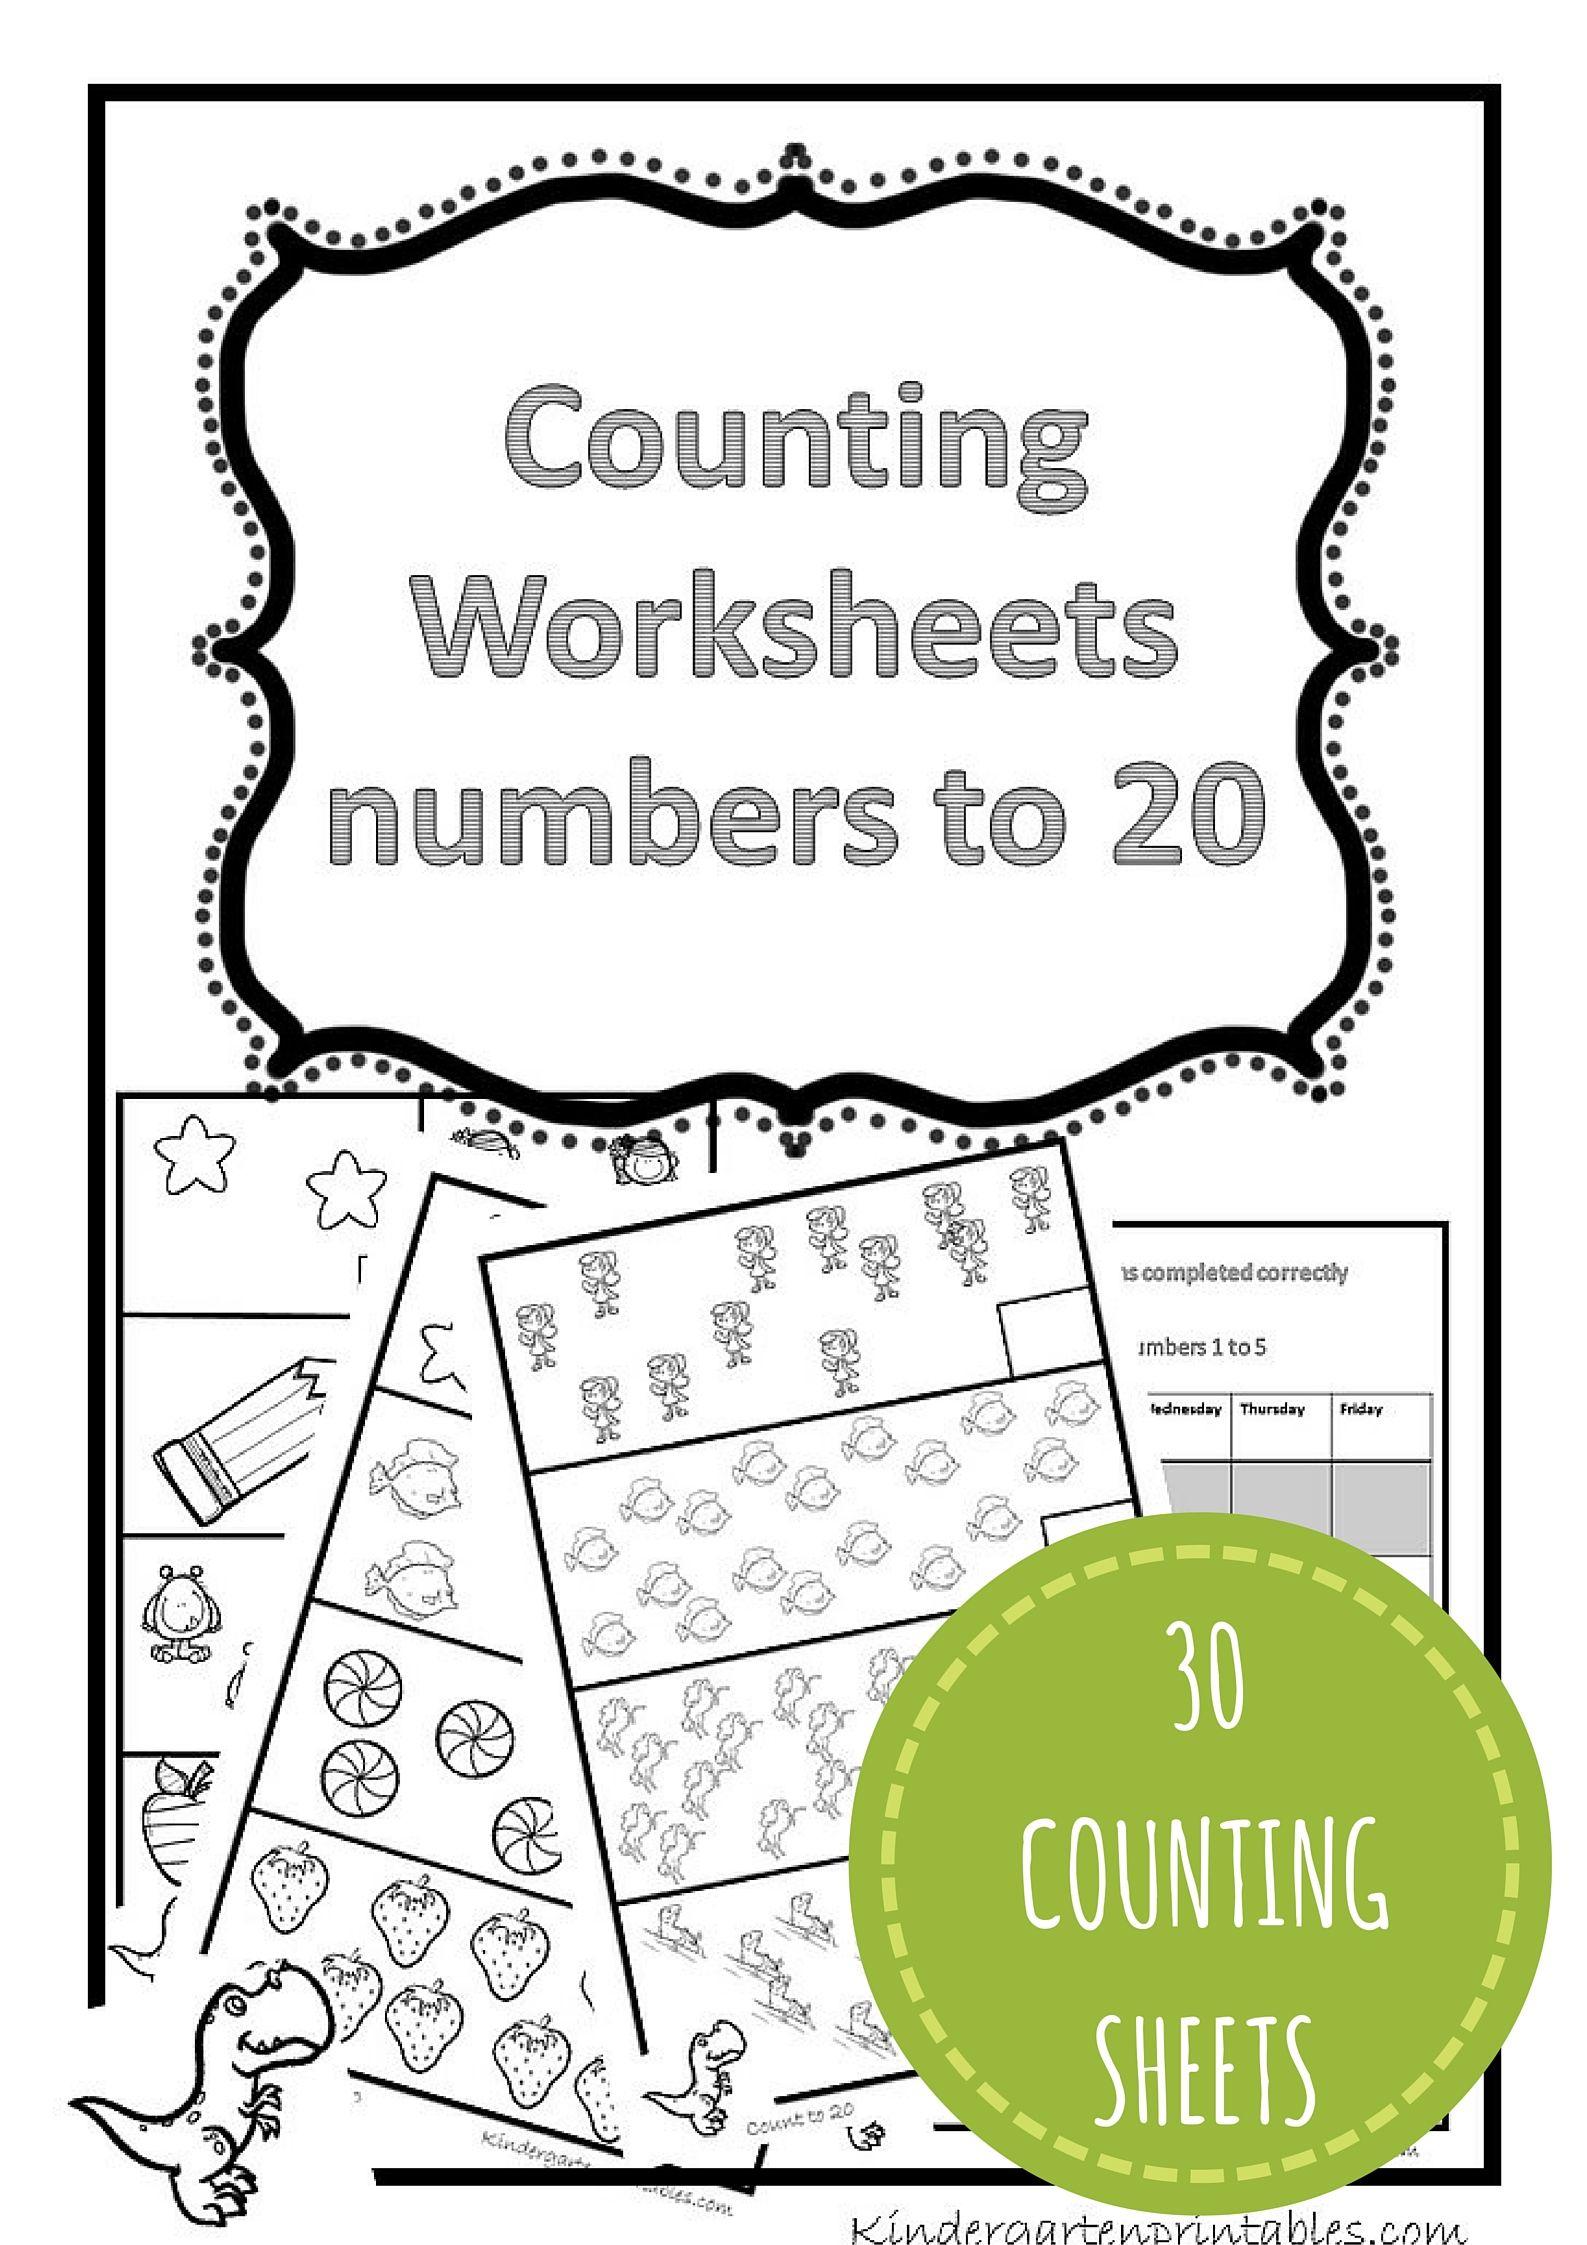 Counting Worksheets 1-20 Free Printable Workbook Counting Worksheets - Free Printable Counting Worksheets 1 20